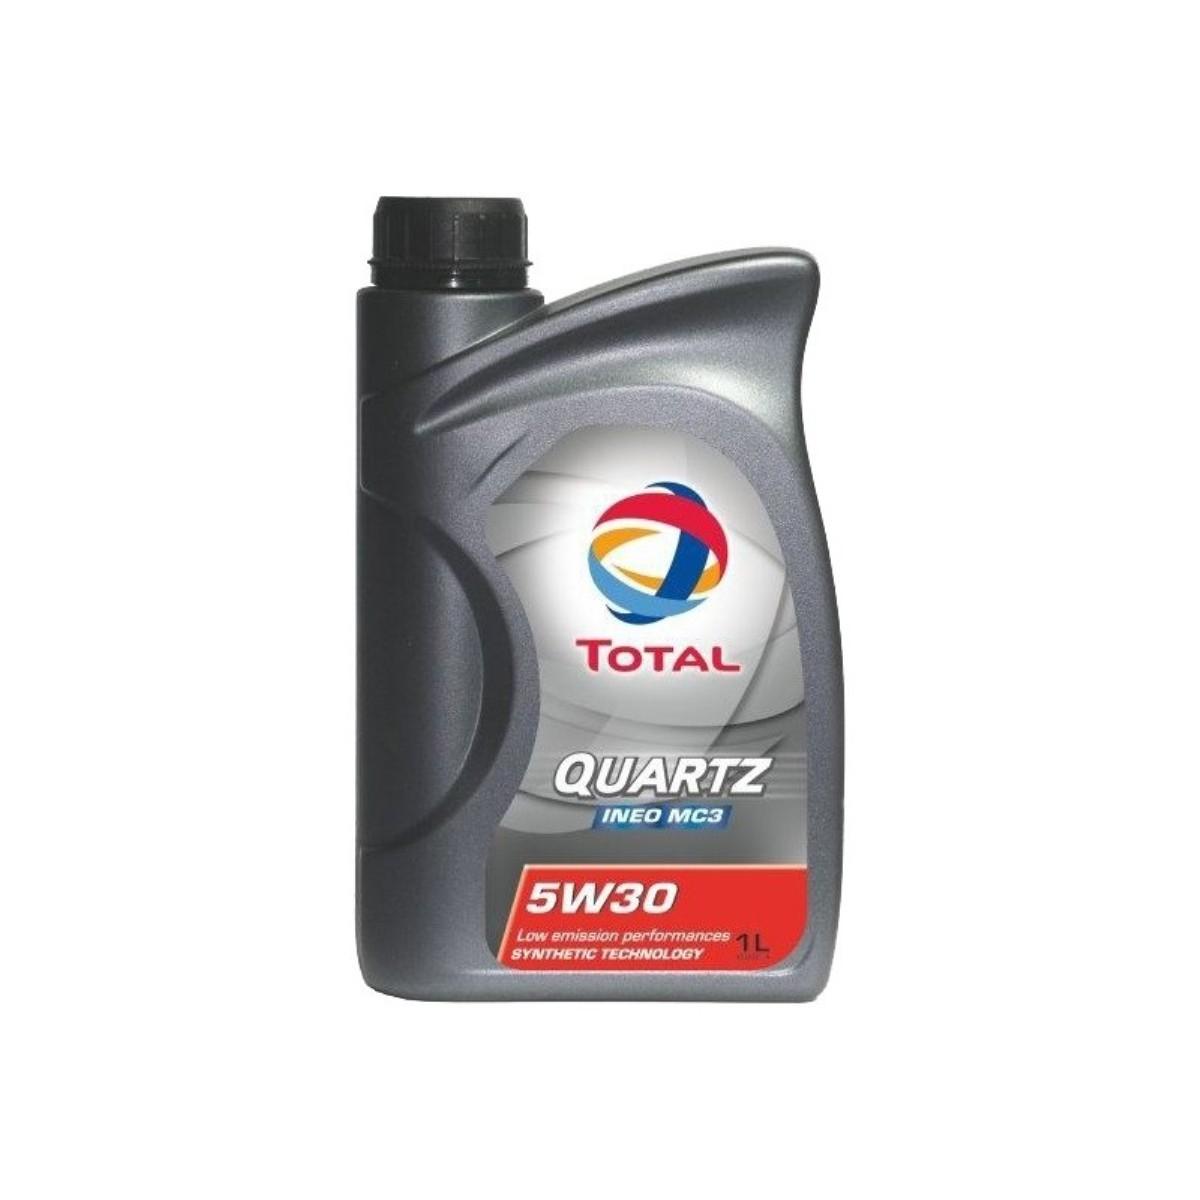 Моторное масло Total Quartz Ineo ECS 5w-30, 1 лS03301004TOTAL Quartz Ineo ECS SAE 5W-30 необходимо для правильного функционирования дизельного сажевого фильтра, также как и других систем последующей обработки выхлопных газов. Может применяться при наиболее сложных режимах эксплуатации и в самых трудных условиях (автомагистрали, интенсивное городское движение). Имеет пониженную сульфатную зольность и низкое содержание фосфора и серы. Удовлетворяет техническим требованиям TOYOTA.Специально разработано для двигателей PEUGEOT и CITROEN . Спецификация ACEA C2;A5;B5; PSA B71 2290